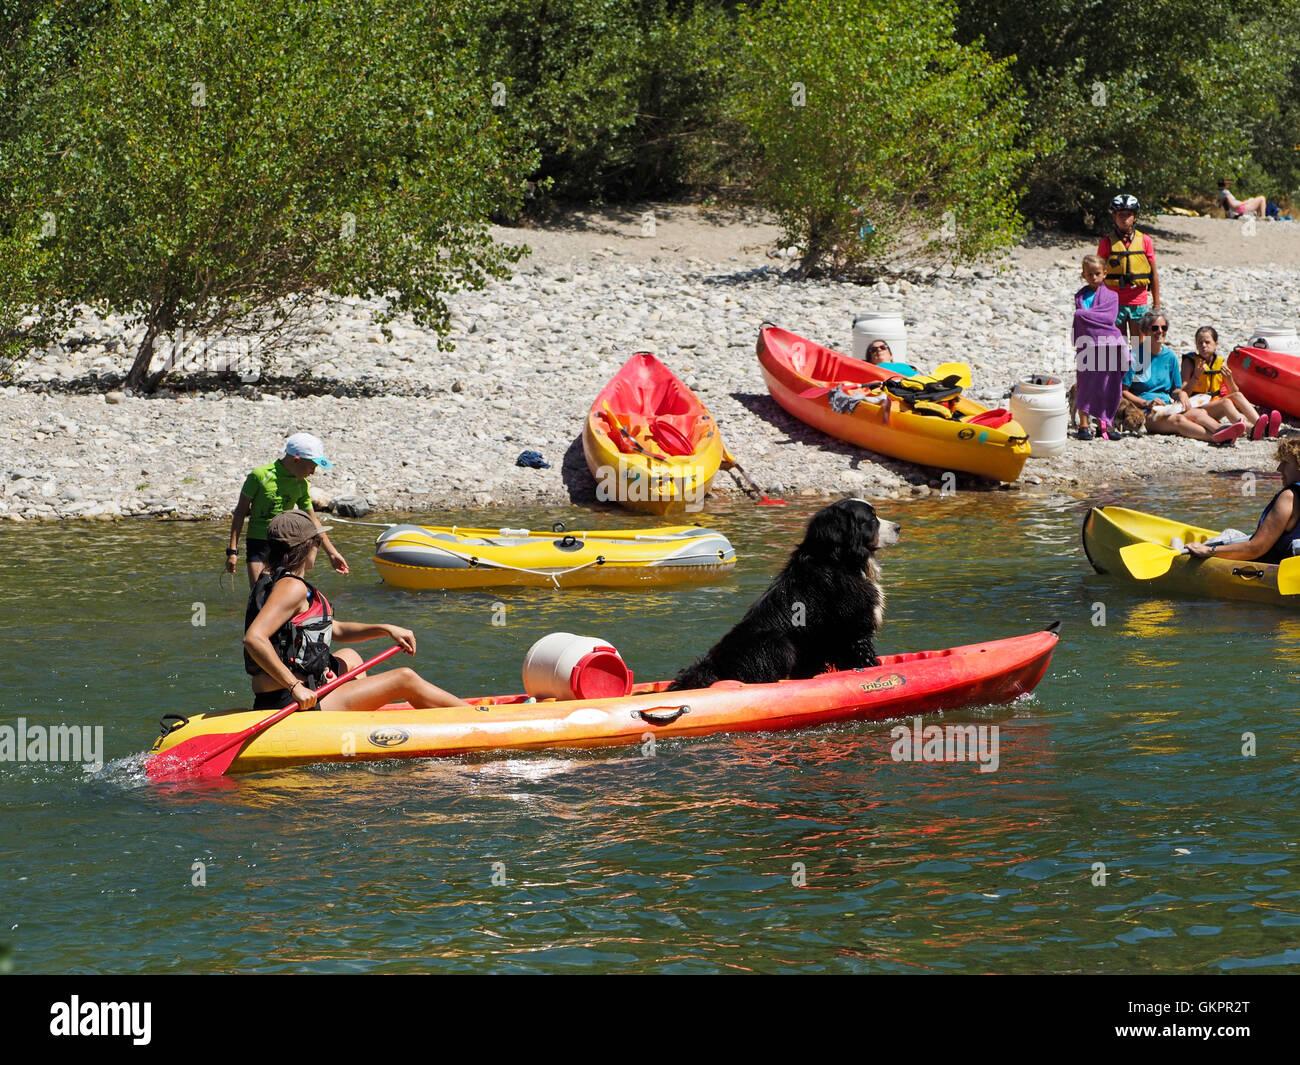 Incluso los perros ir en un viaje en canoa en Francia, este es el río Herault en la región de Cevennes. Imagen De Stock